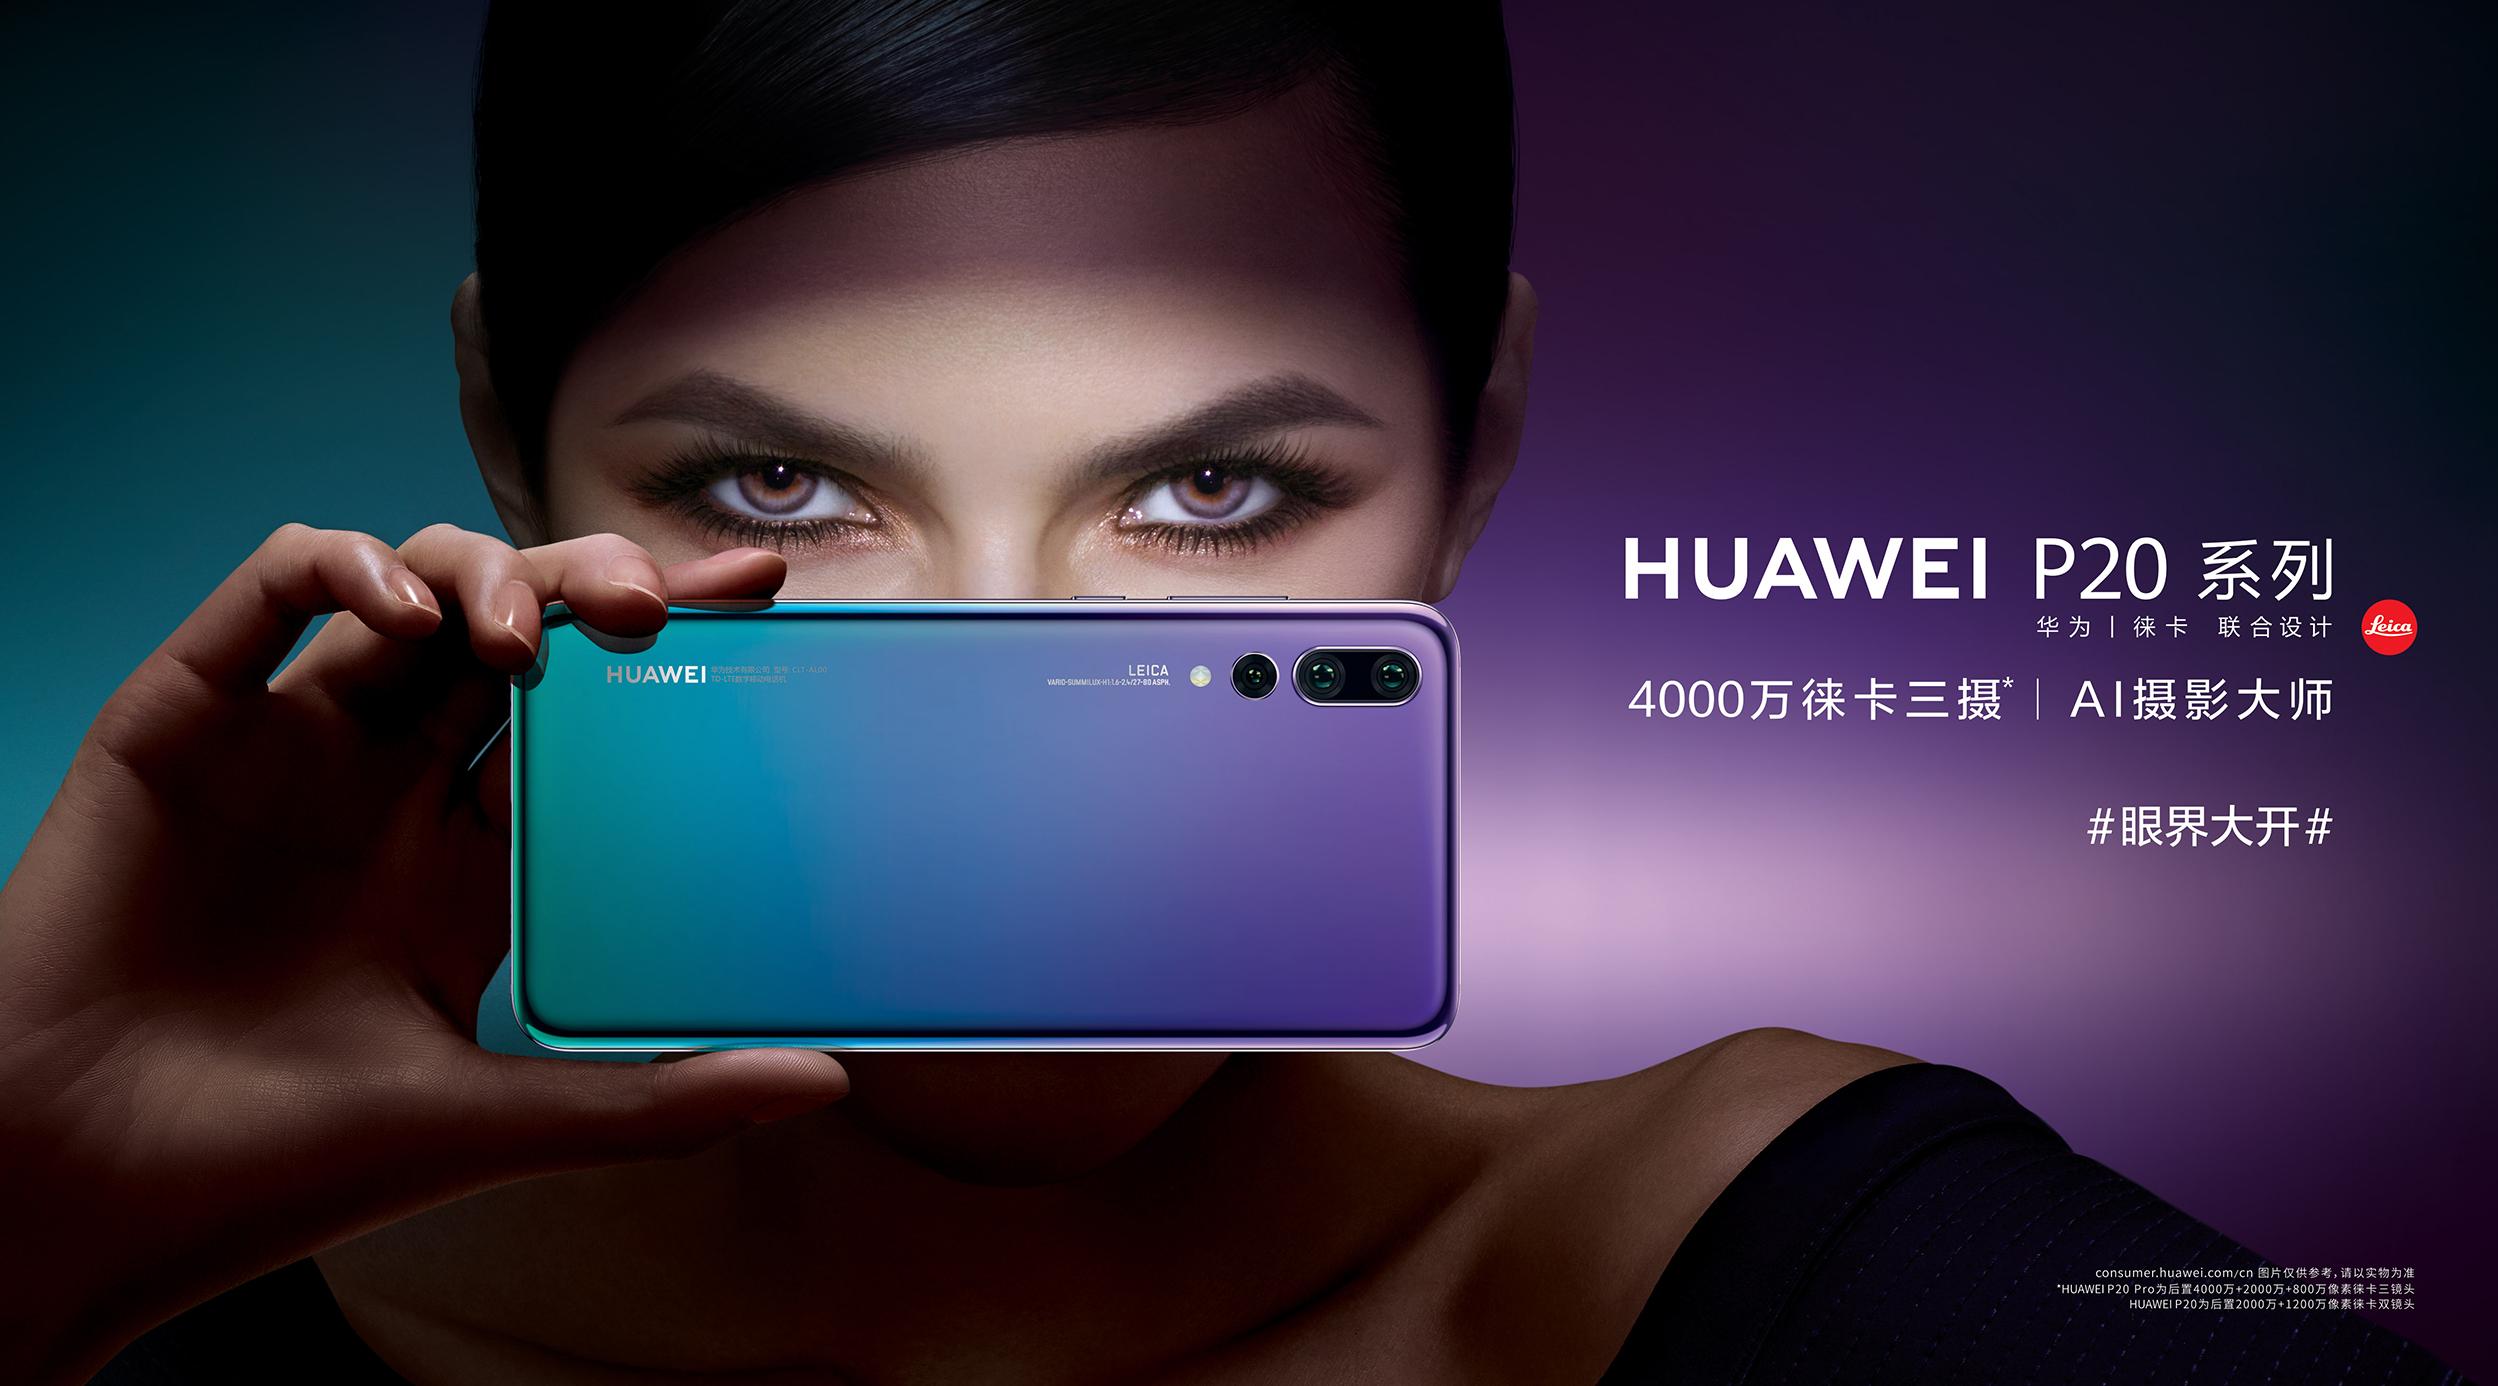 Huawei_P20_KV1_H